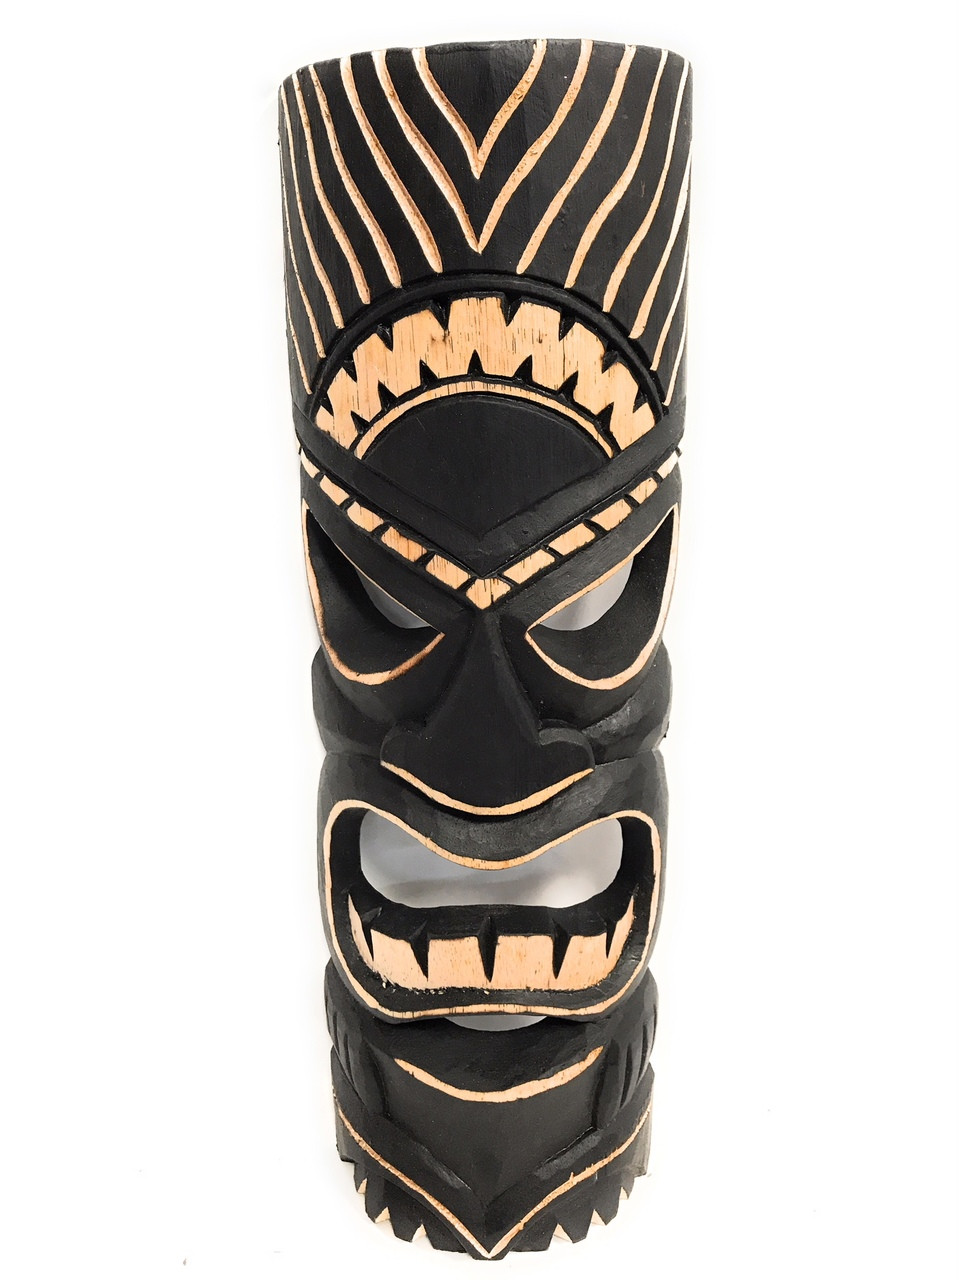 Fabulous Chief/Warrior Tiki Mask 20